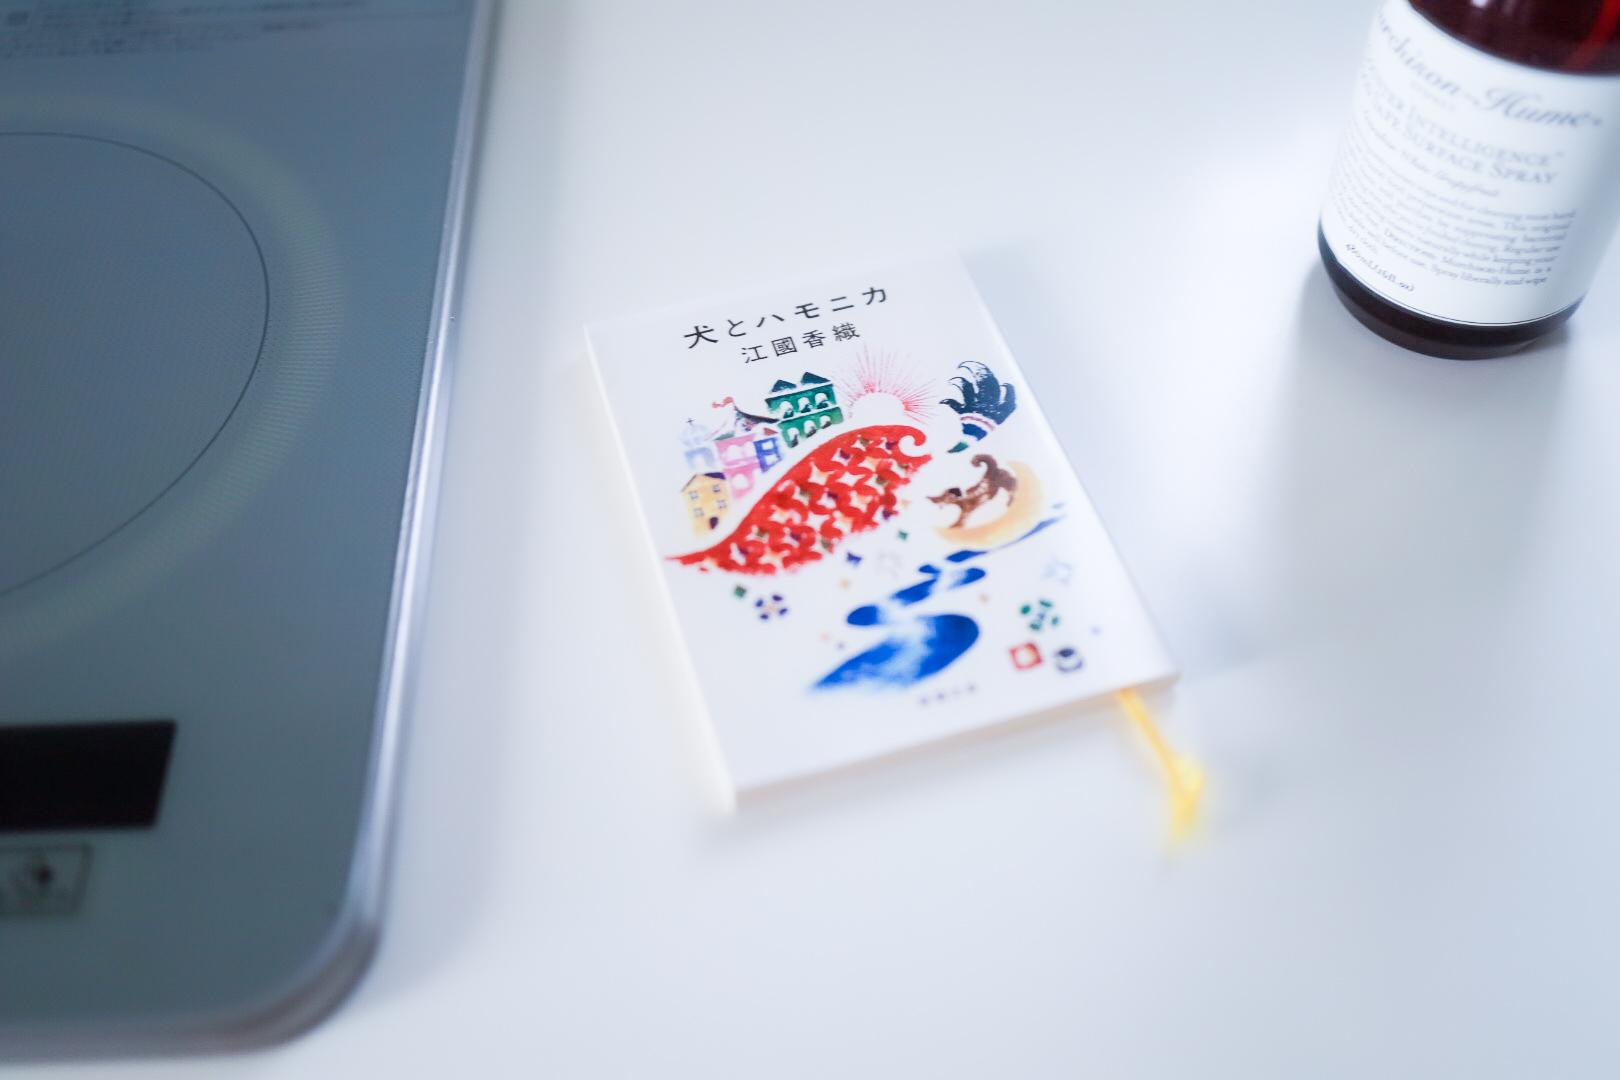 【押しつけのない読後感】江國香織さんの「気配の描き方」がど真ん中